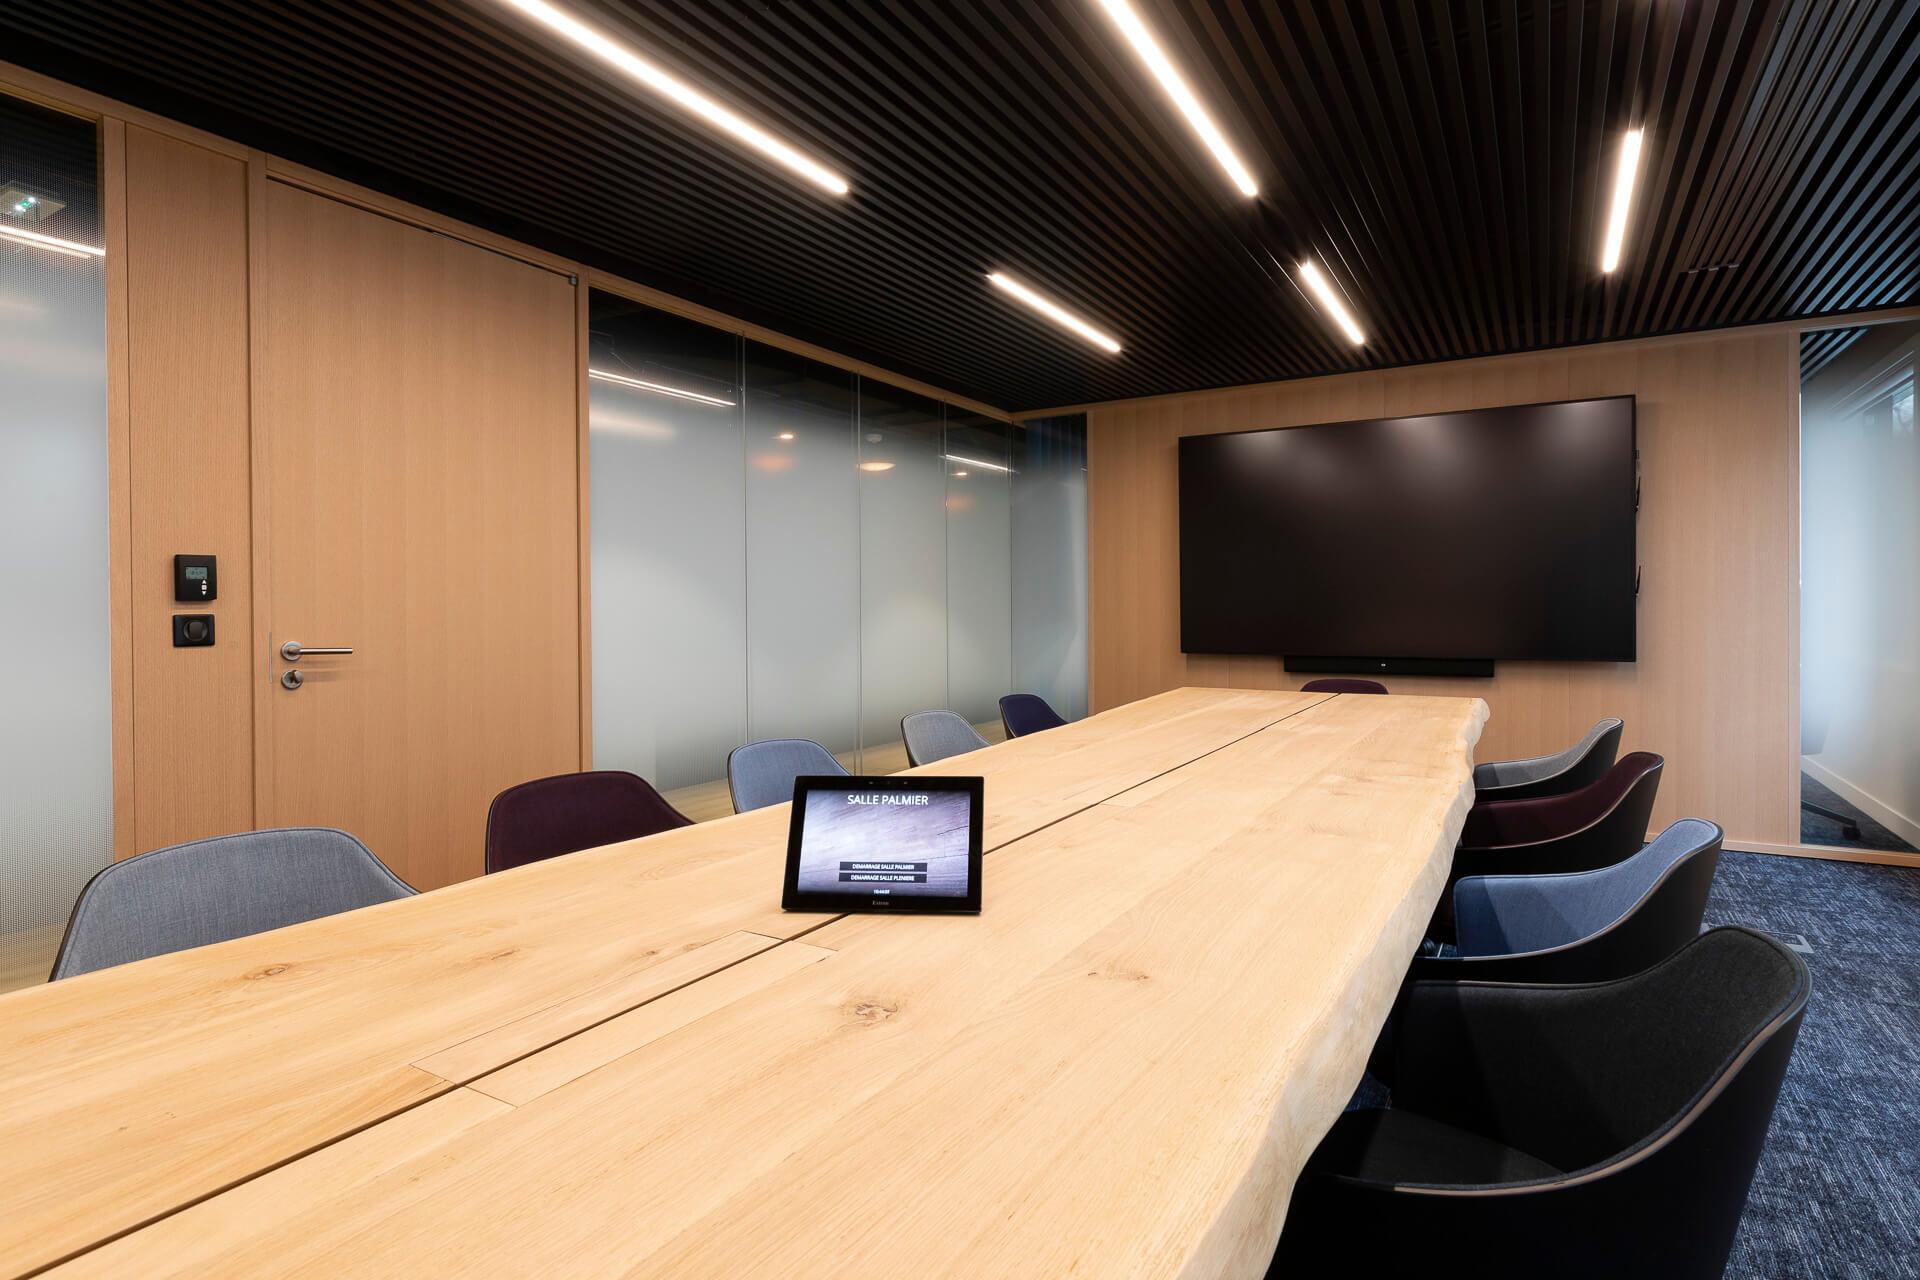 sala de reuniões em centro de negócios com mesa em madeira